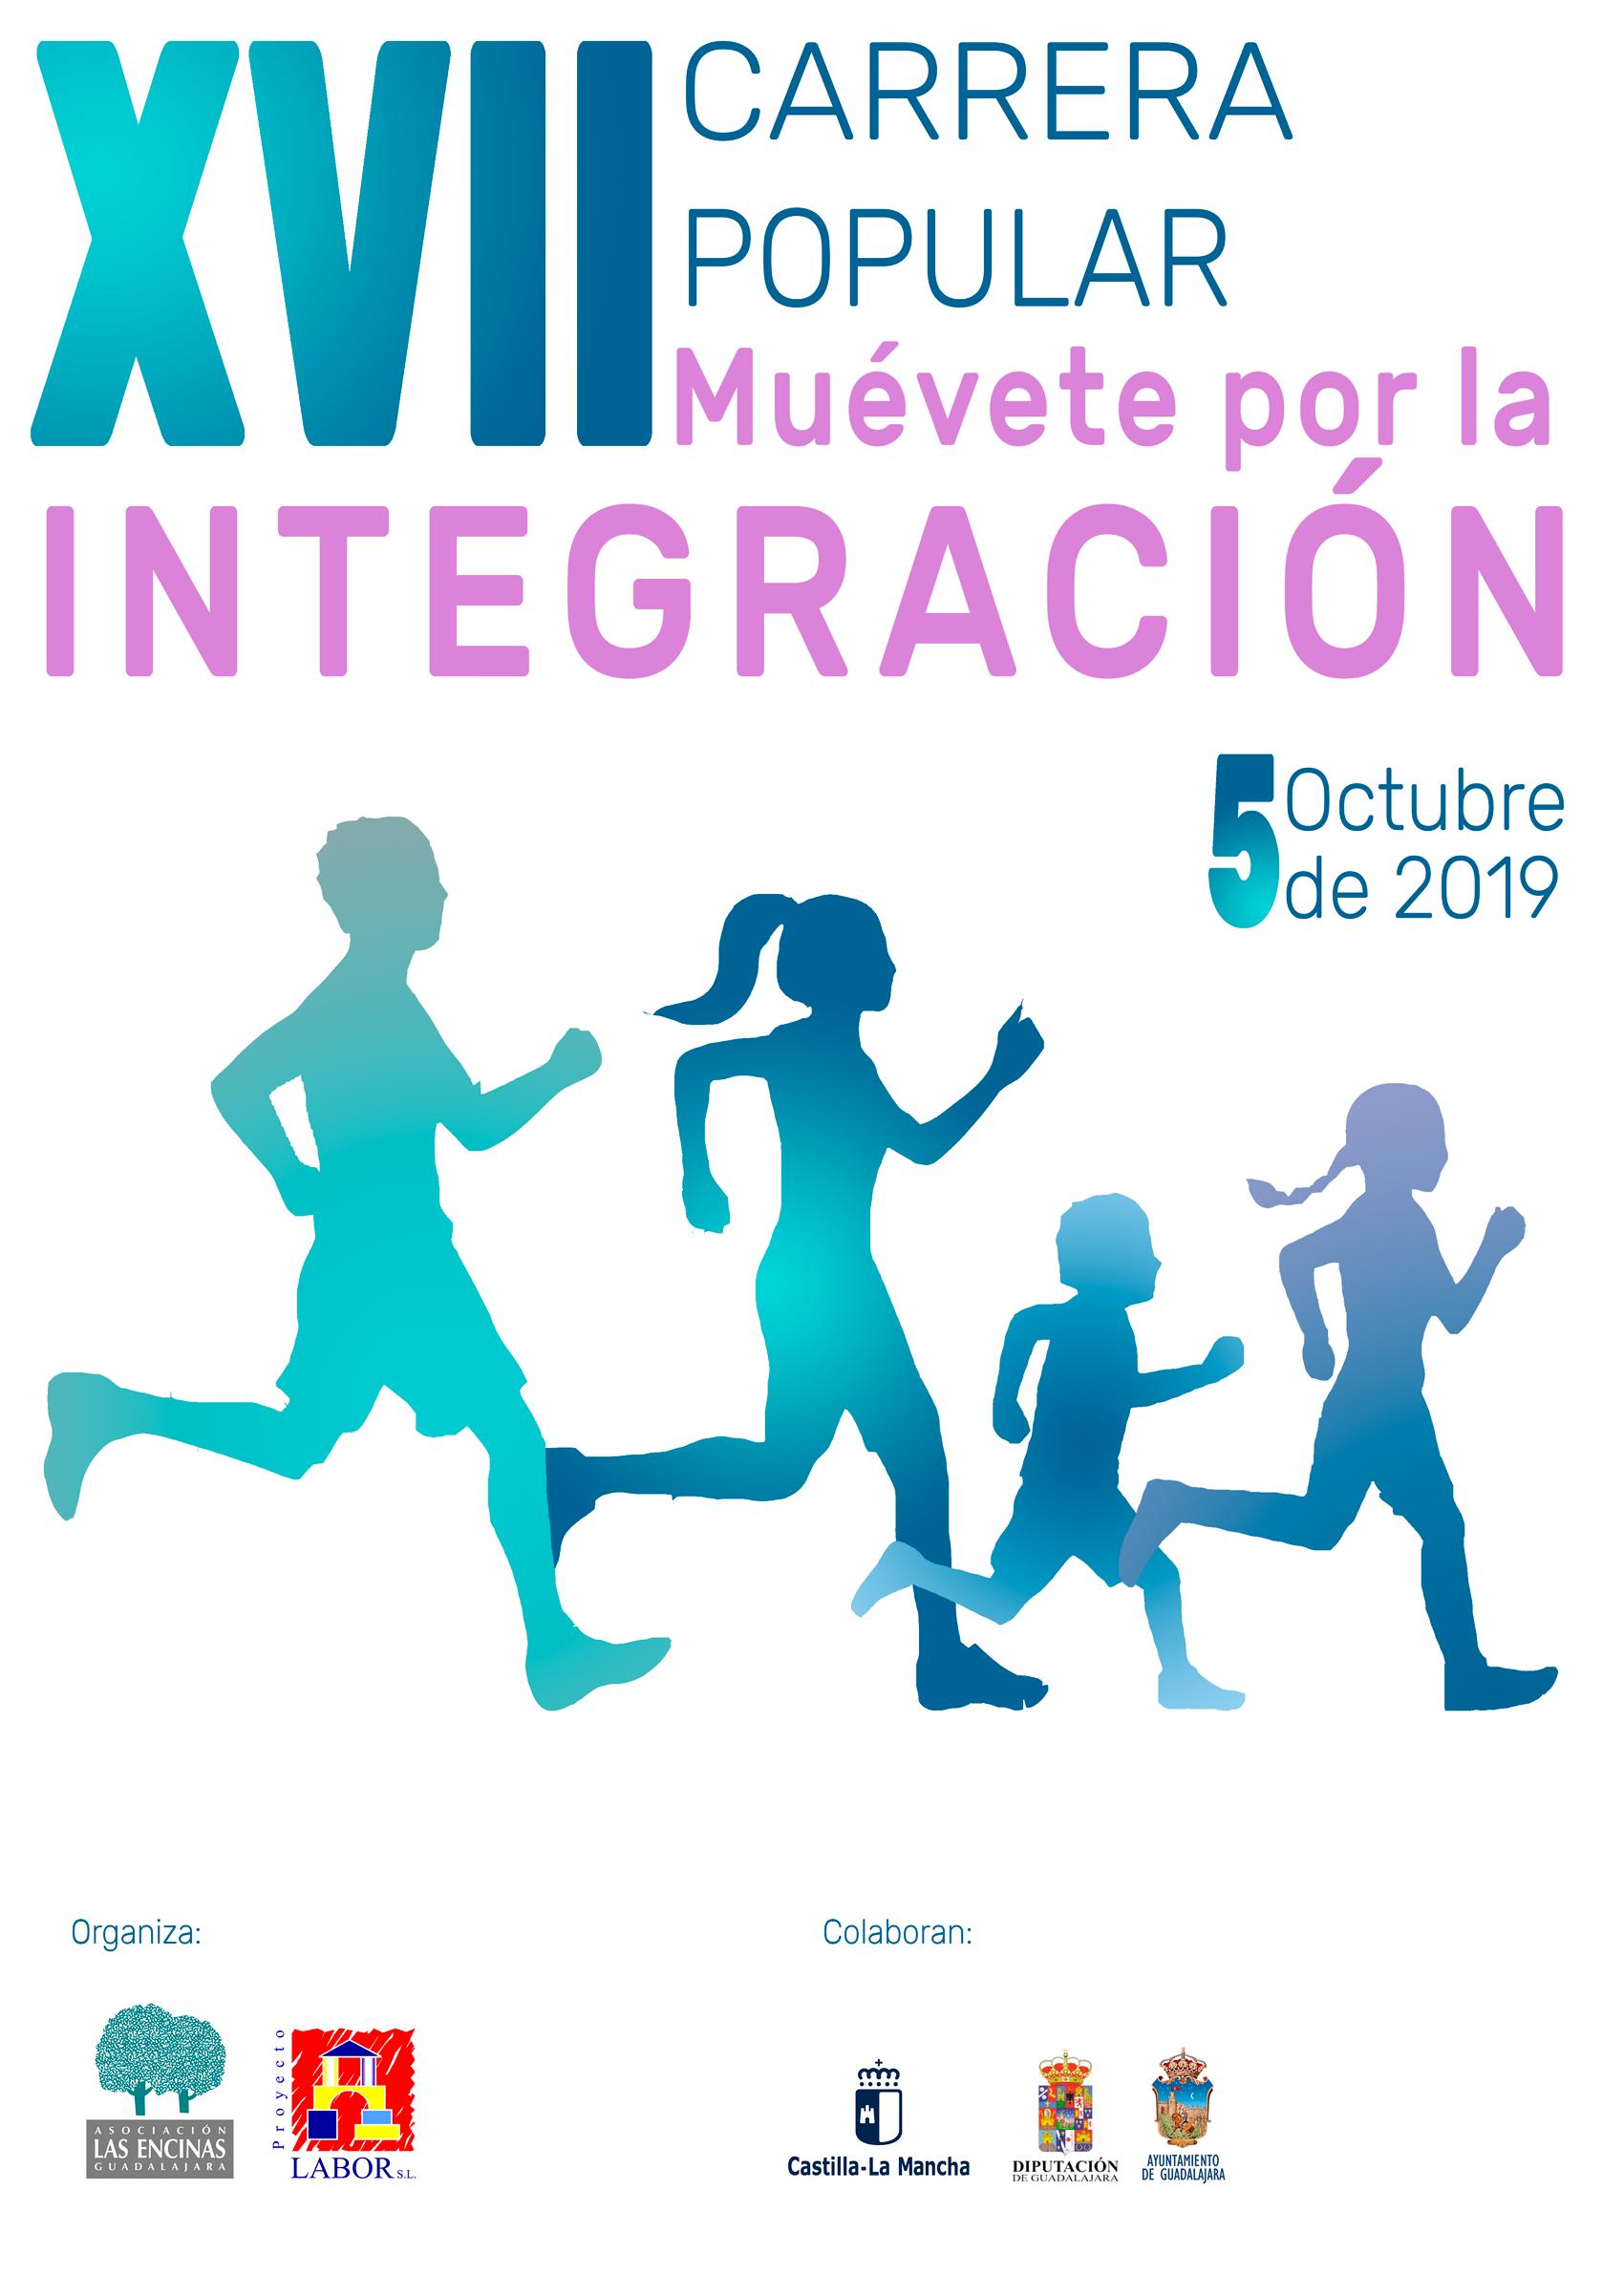 XVII Carrera Popular Muévete Por La Integración